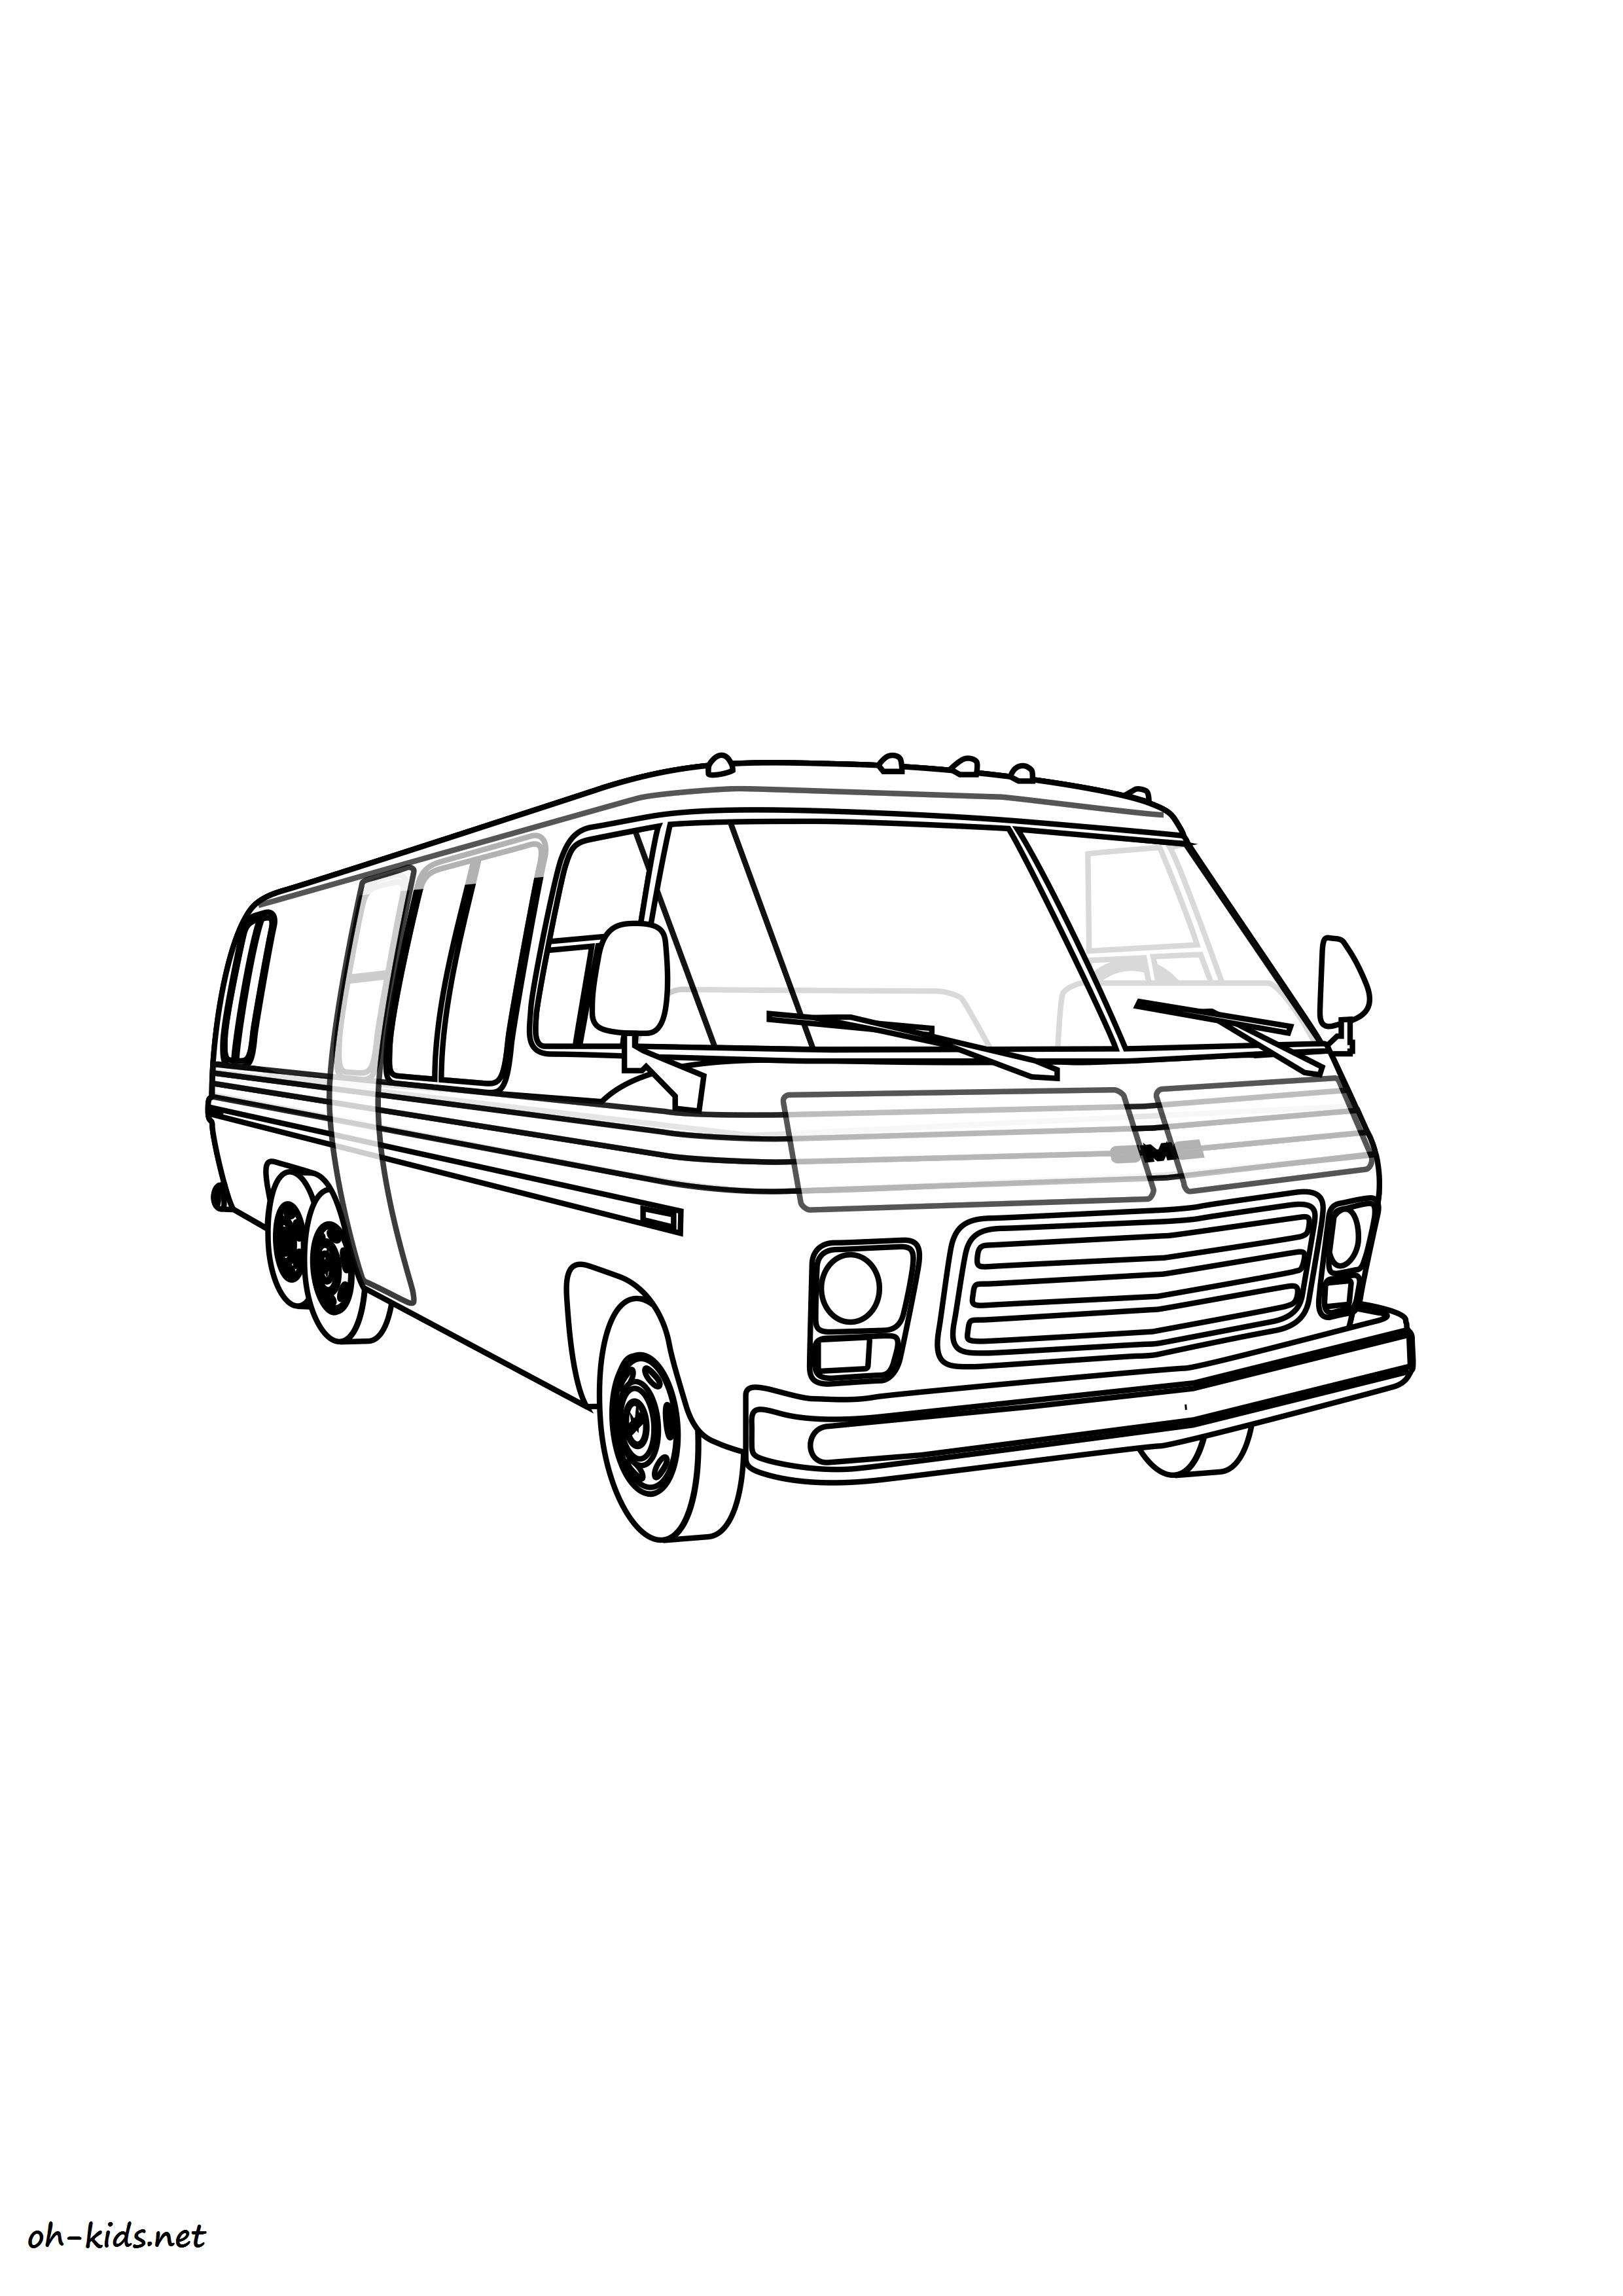 coloriage de autocar imprimer et colorier - Dessin #1403